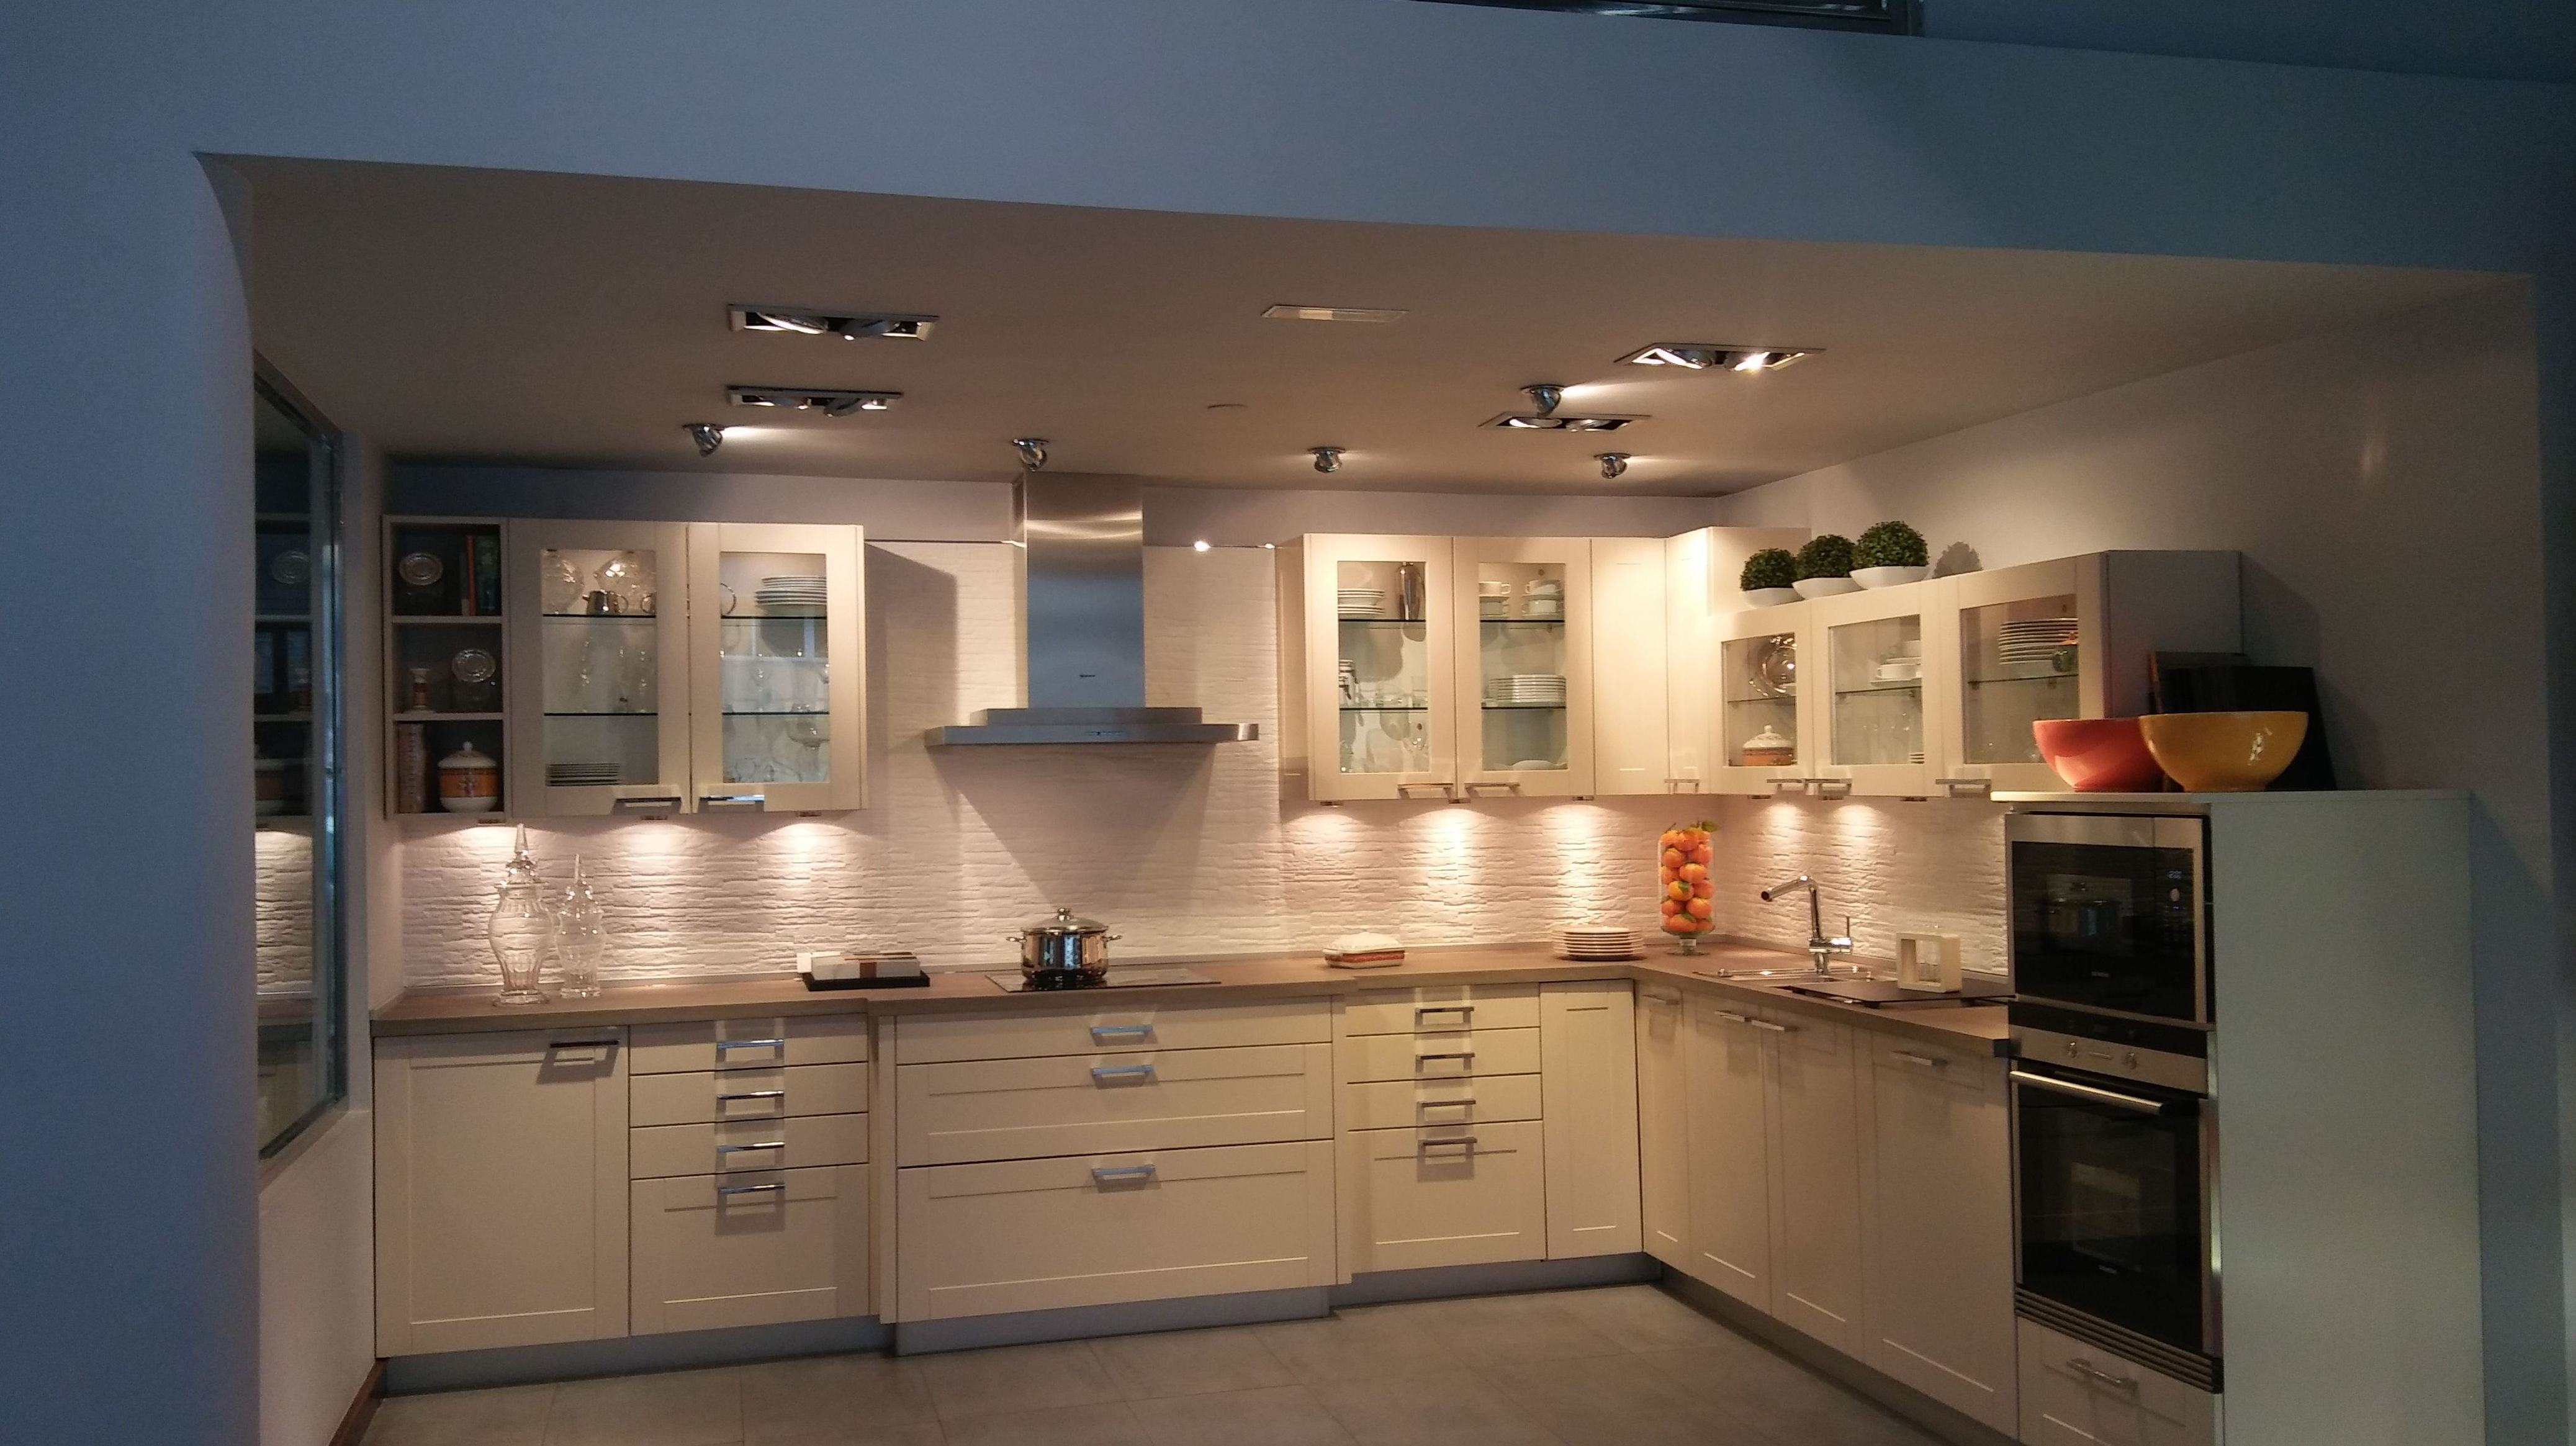 Muebles de cocina xey Muebles de cocina xey modelo alpina